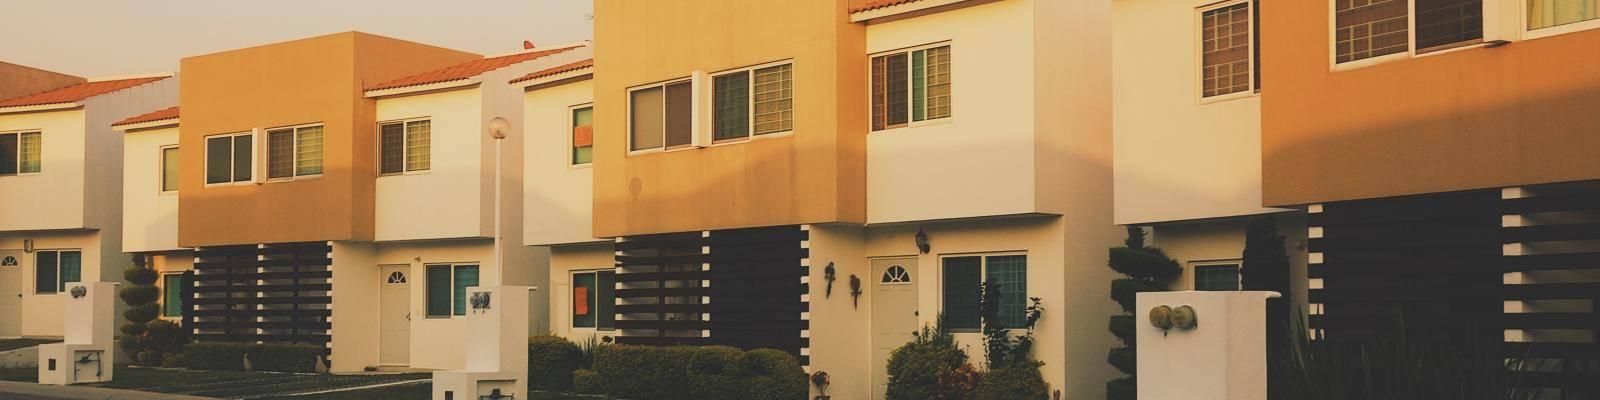 Straatbeeld met oranje- witte huizen